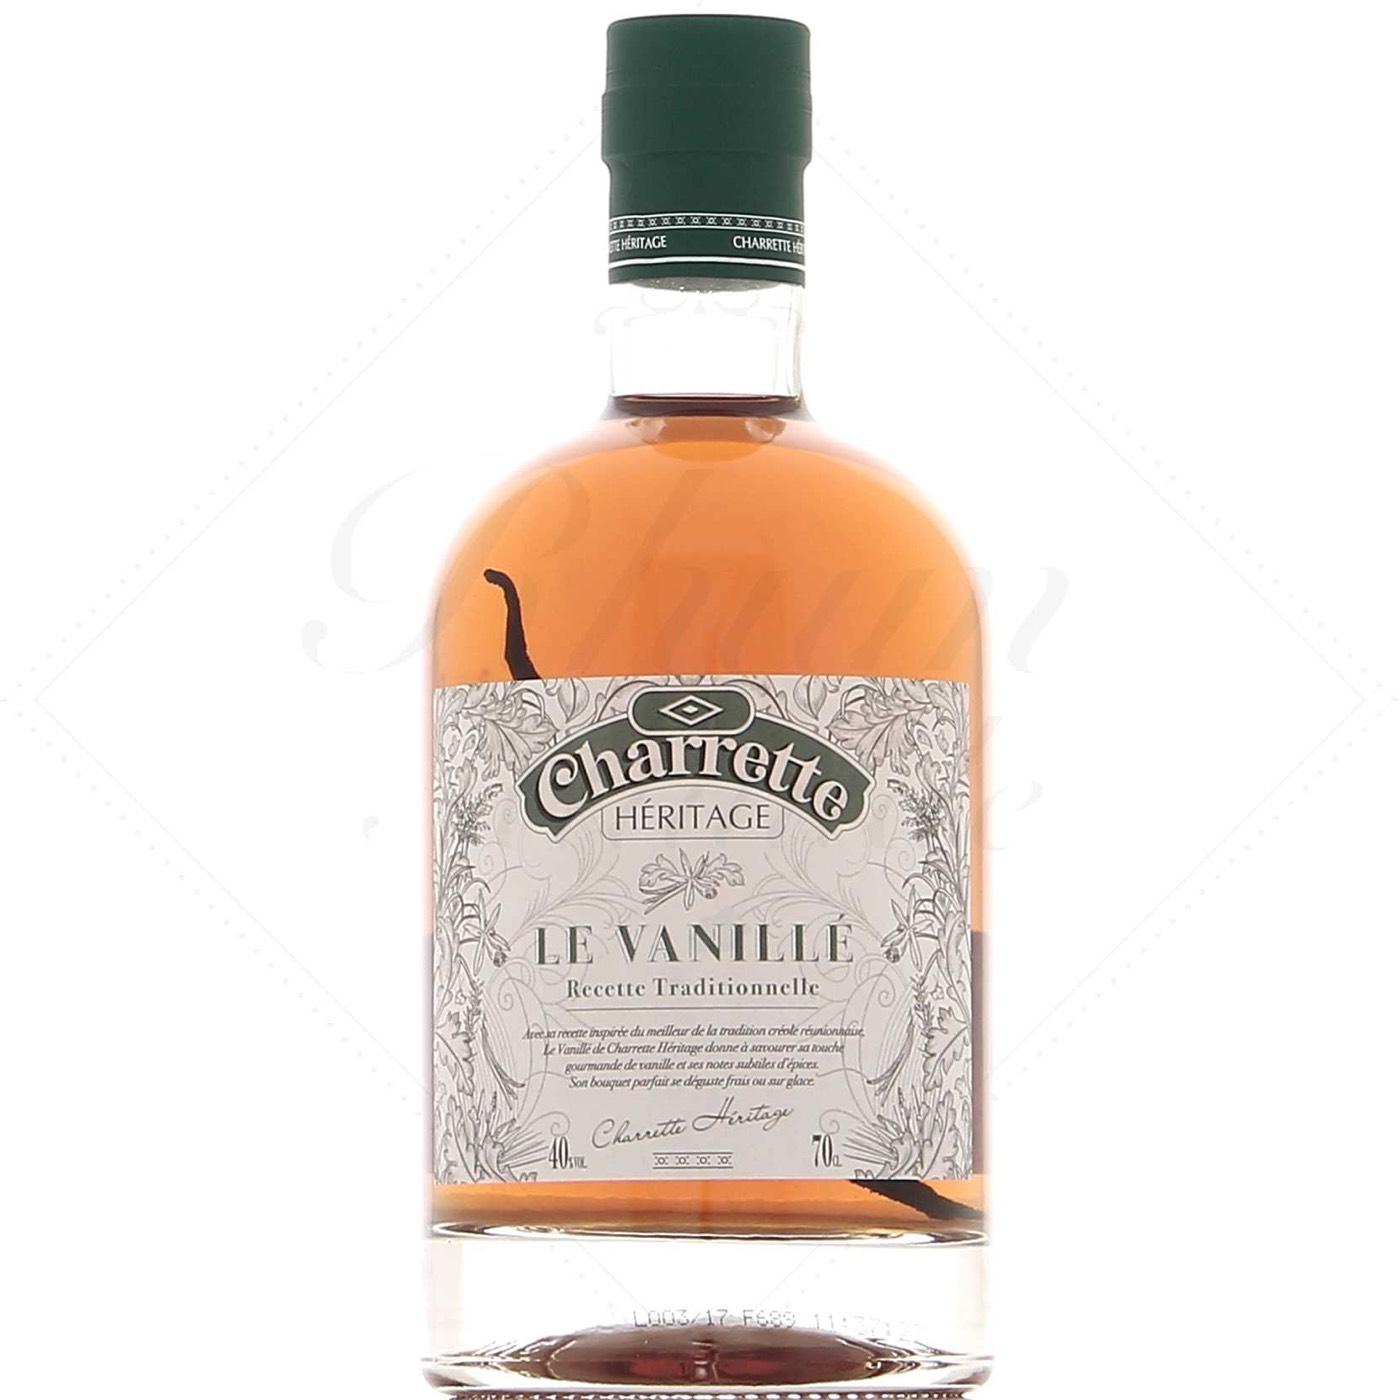 Bottle image of Héritage Le Vanillé